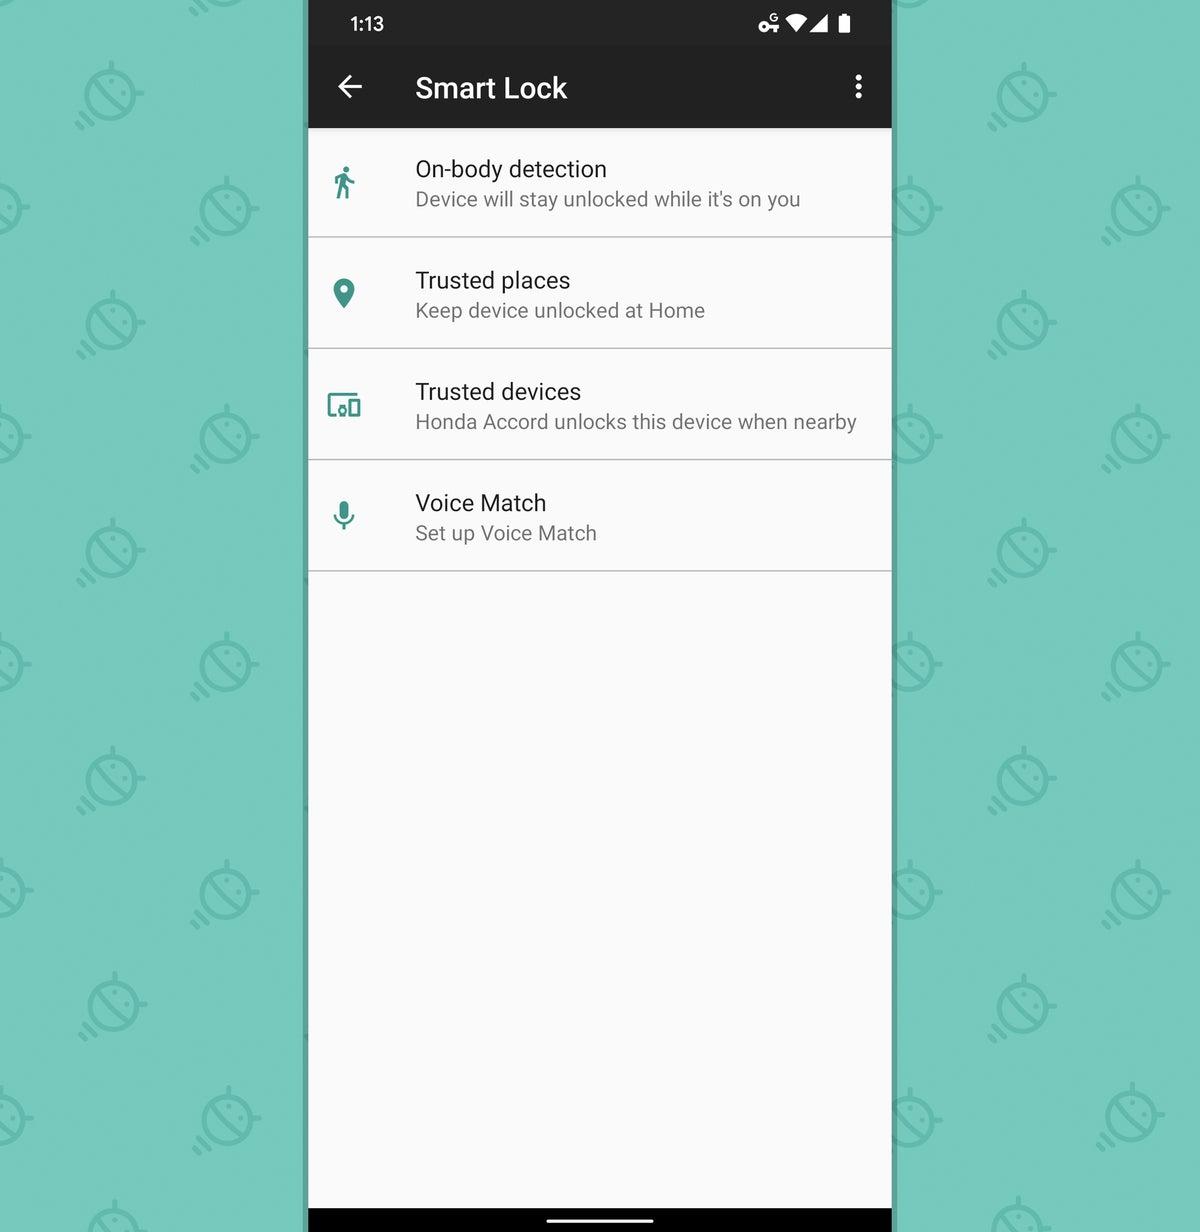 Auditoría de seguridad de Android: Smart Lock